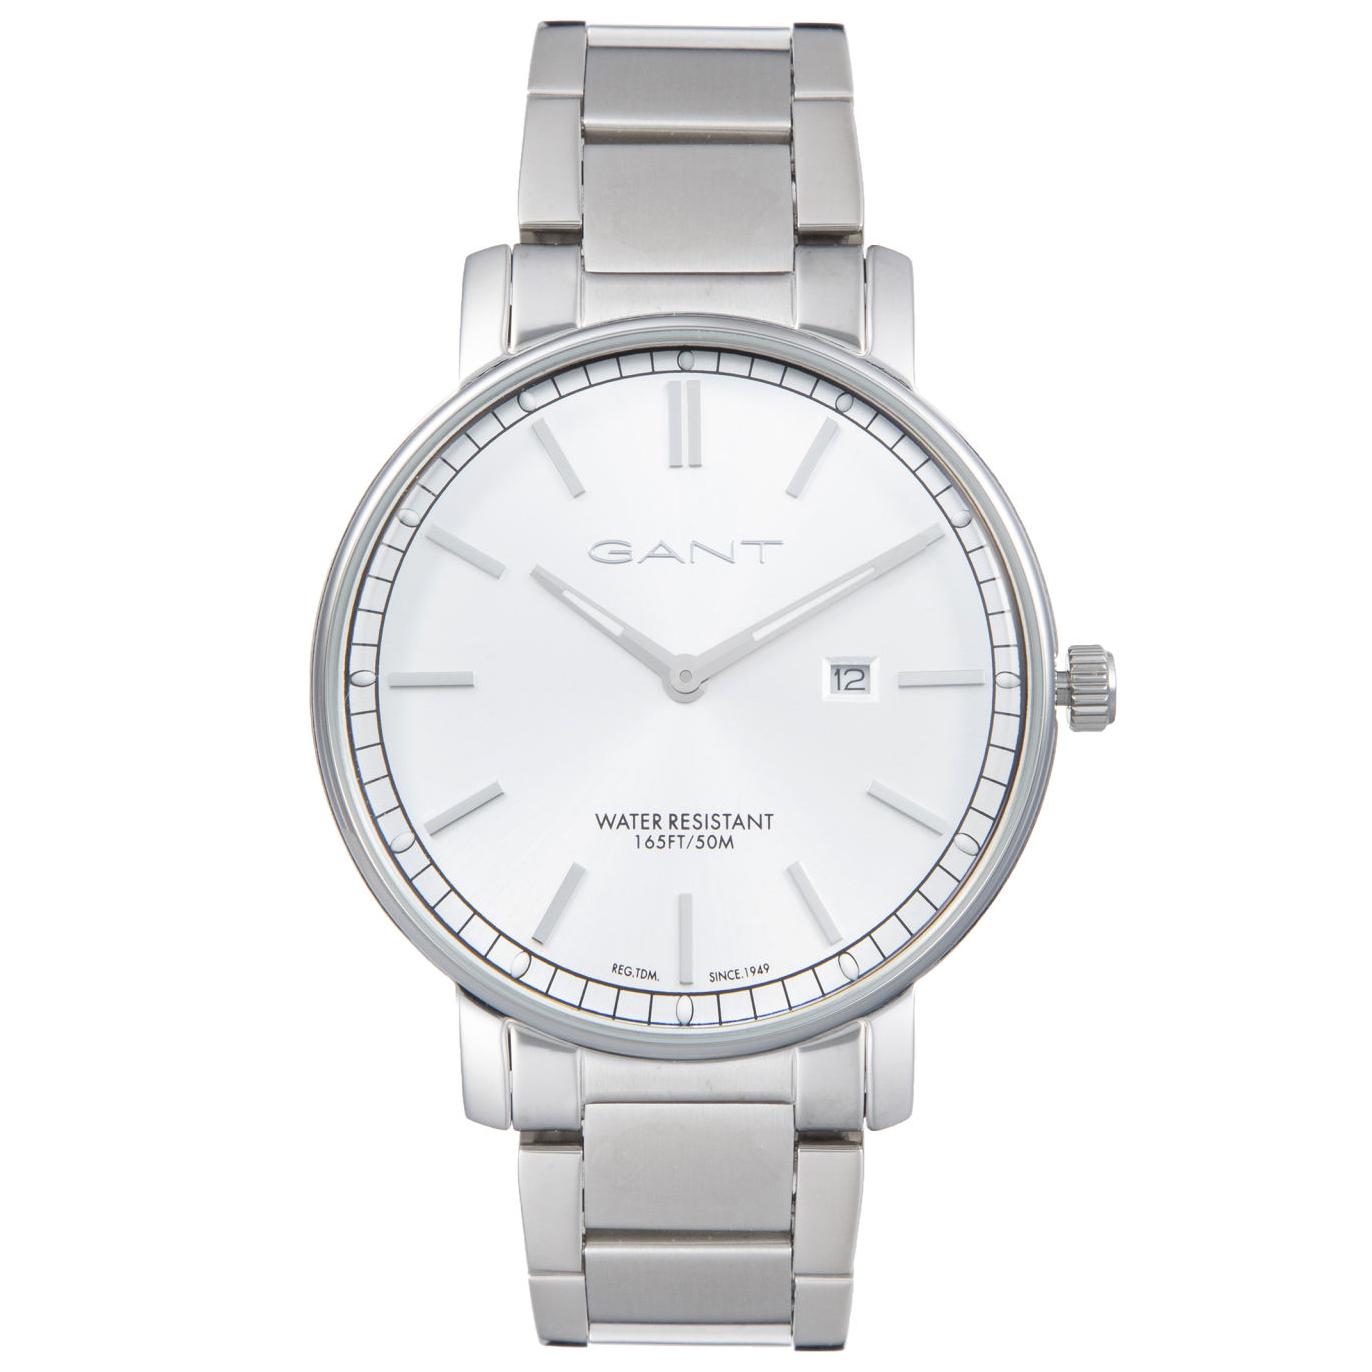 ساعت مچی عقربهای مردانه گنت مدل GT006025